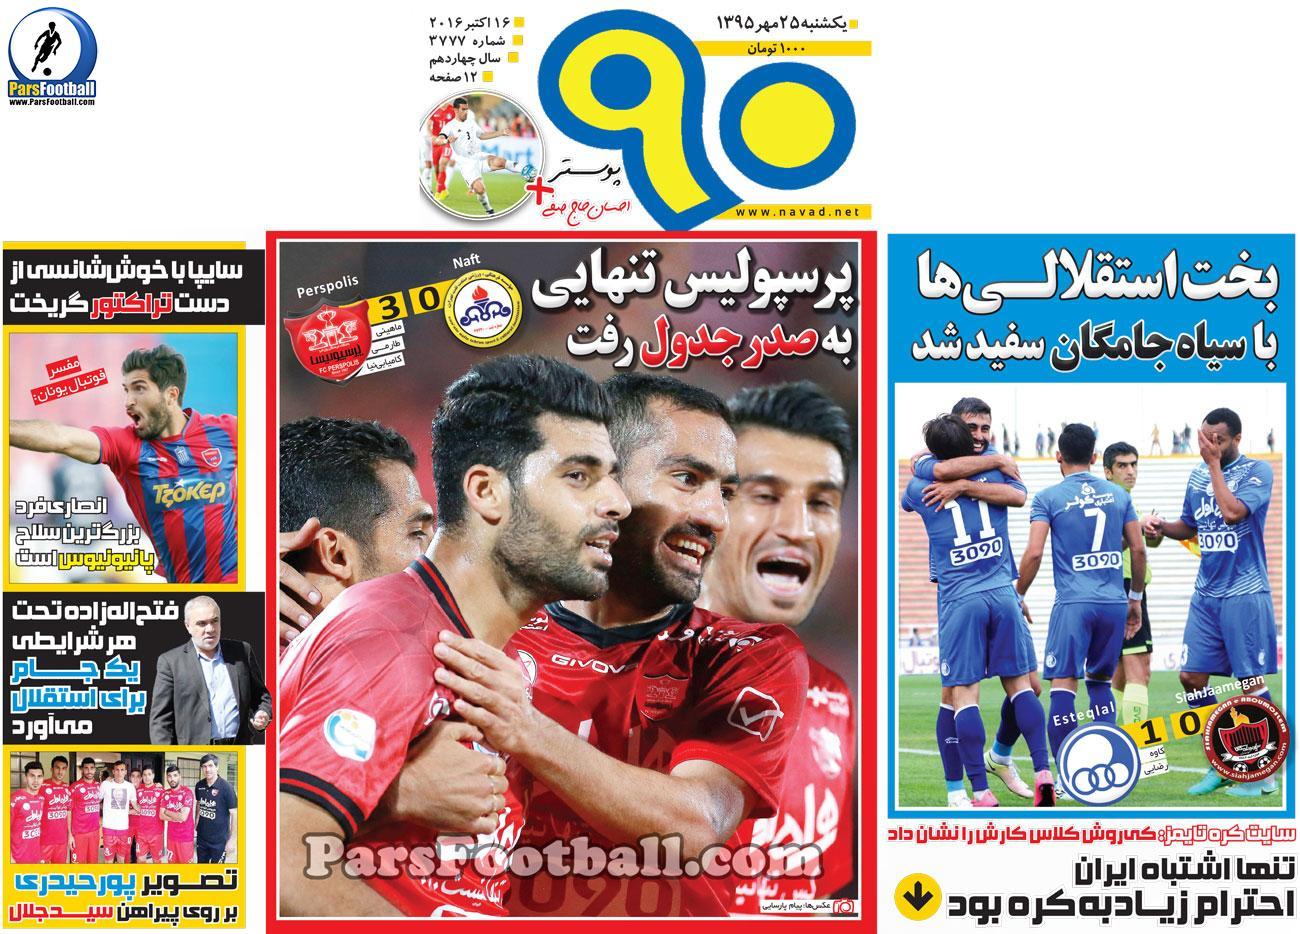 روزنامه نود یکشنبه 25 مهر 95